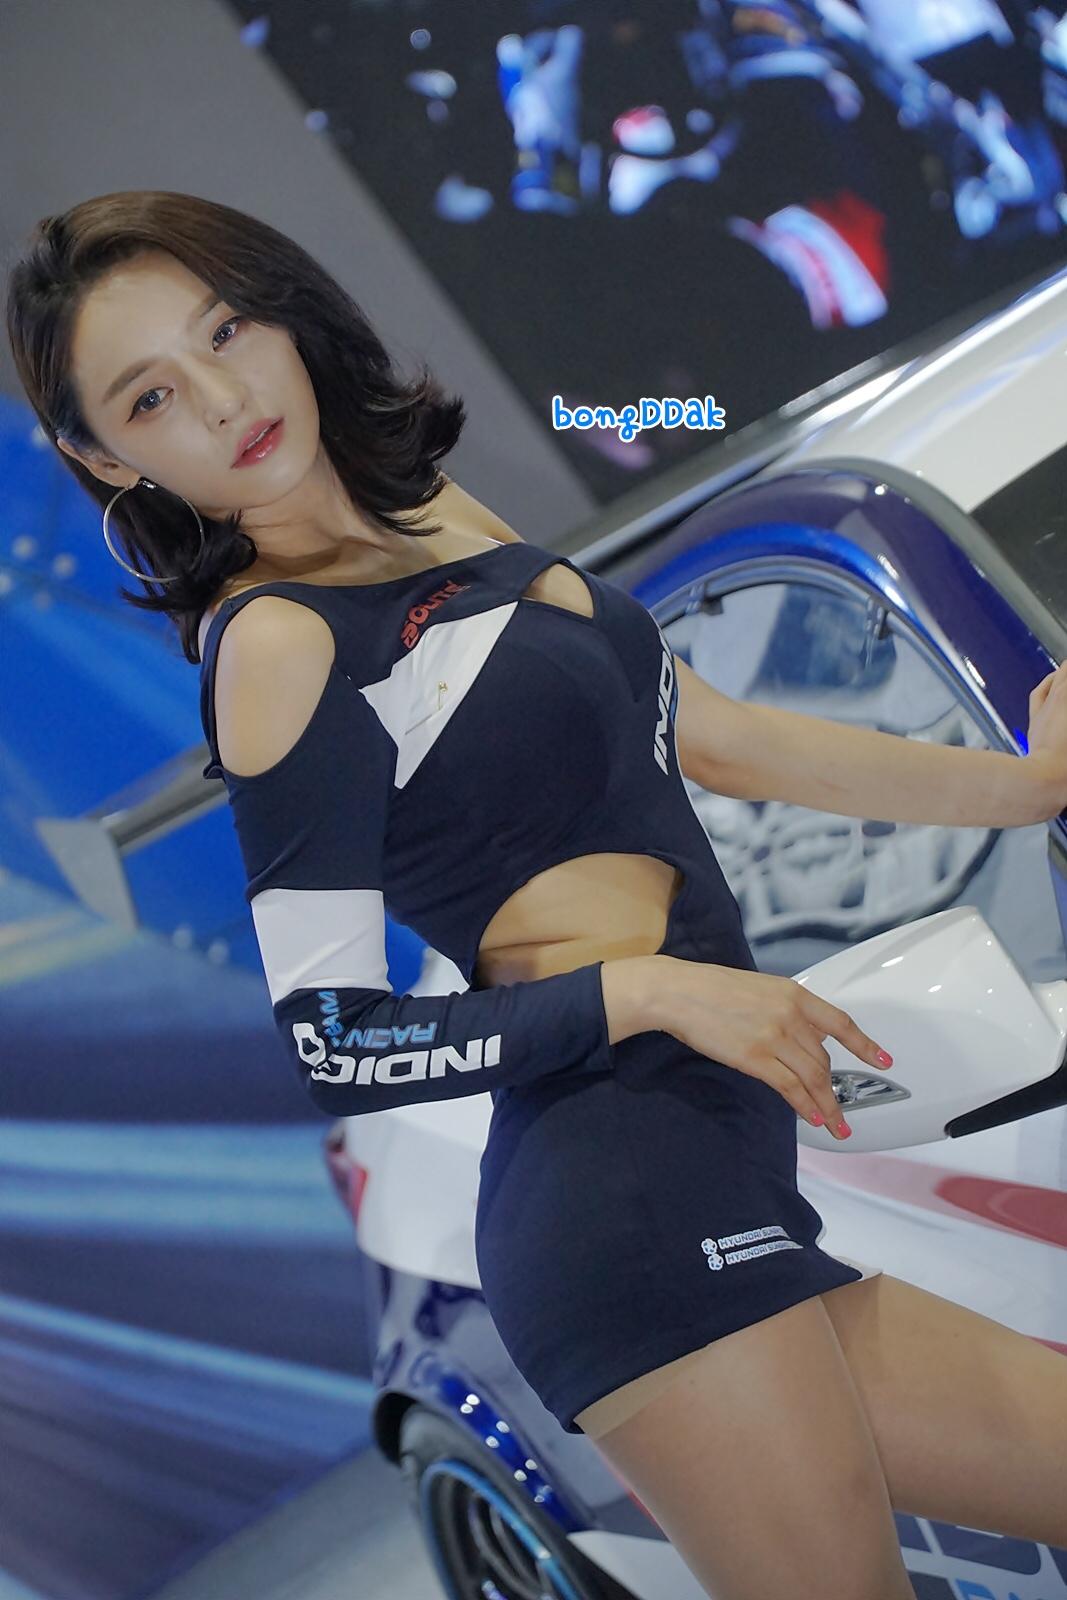 racing model seo yeon 7